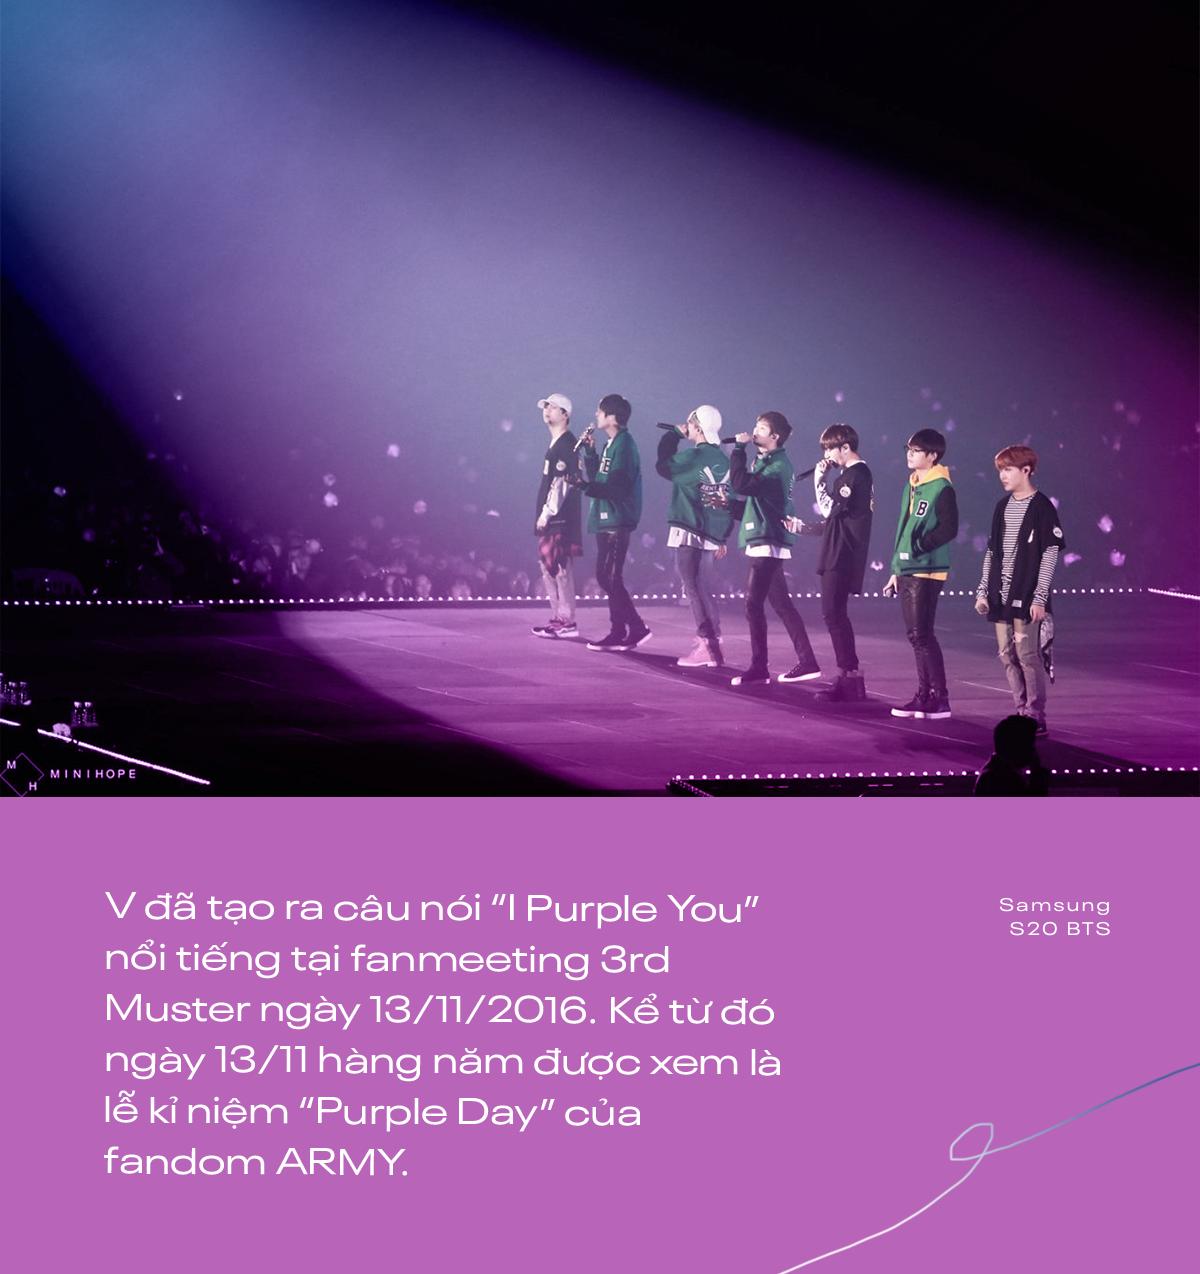 I Purple You - từ câu nói nổi tiếng dành riêng cho ARMY đến màu tím chỉ biểu trưng cho BTS - Ảnh 2.